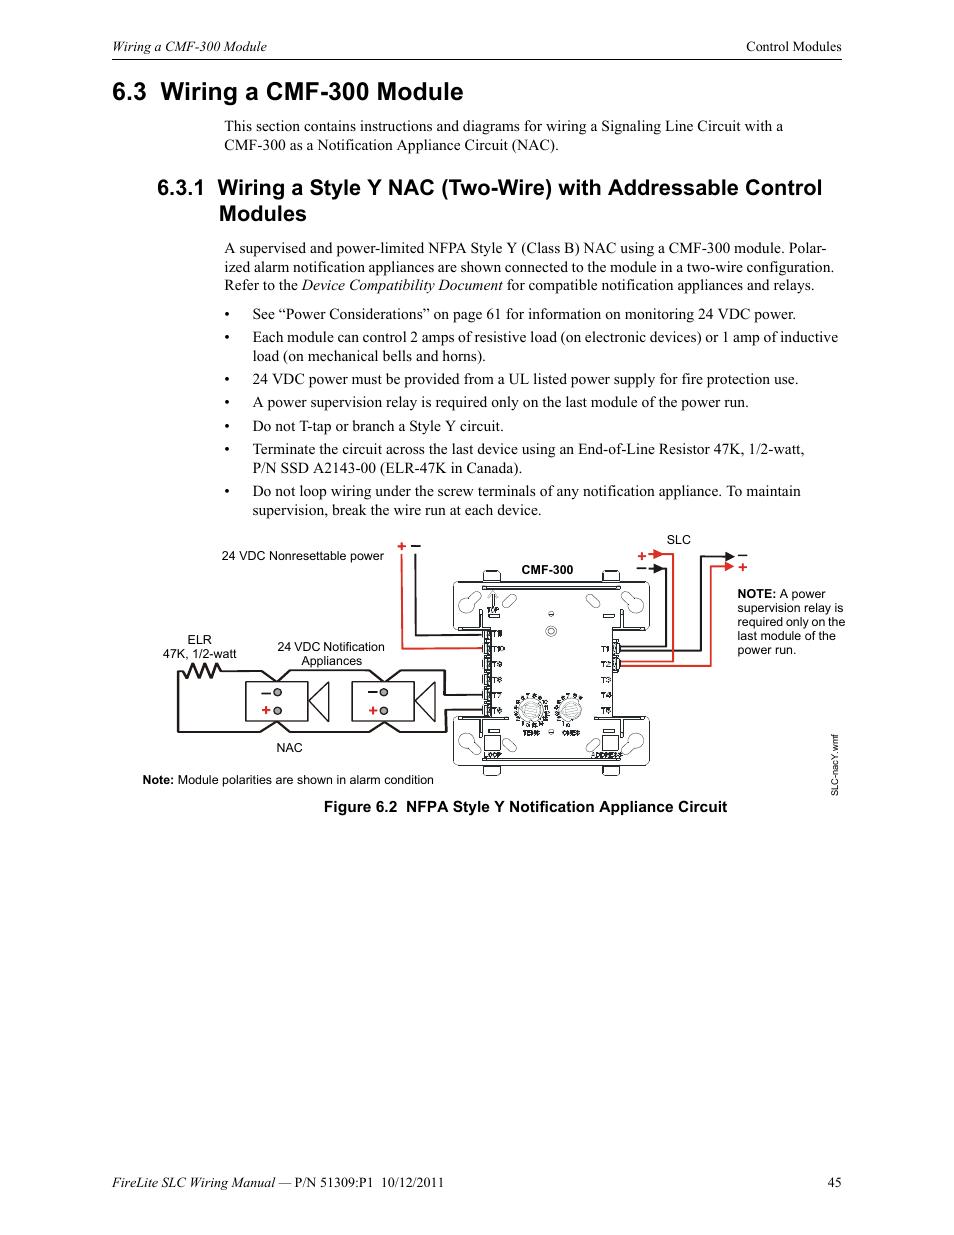 3 wiring a cmf-300 module, Wiring a cmf-300 module | Fire-Lite SLC on cisco diagram, selenium diagram, copper diagram, nat diagram, chromium diagram, usa diagram, ssl diagram, tcp diagram, vitamin c diagram, vpn diagram, pc diagram, cat diagram, magnesium diagram, calcium diagram, zinc diagram, potassium diagram, bgp diagram, aaa diagram, nic diagram, iron diagram,